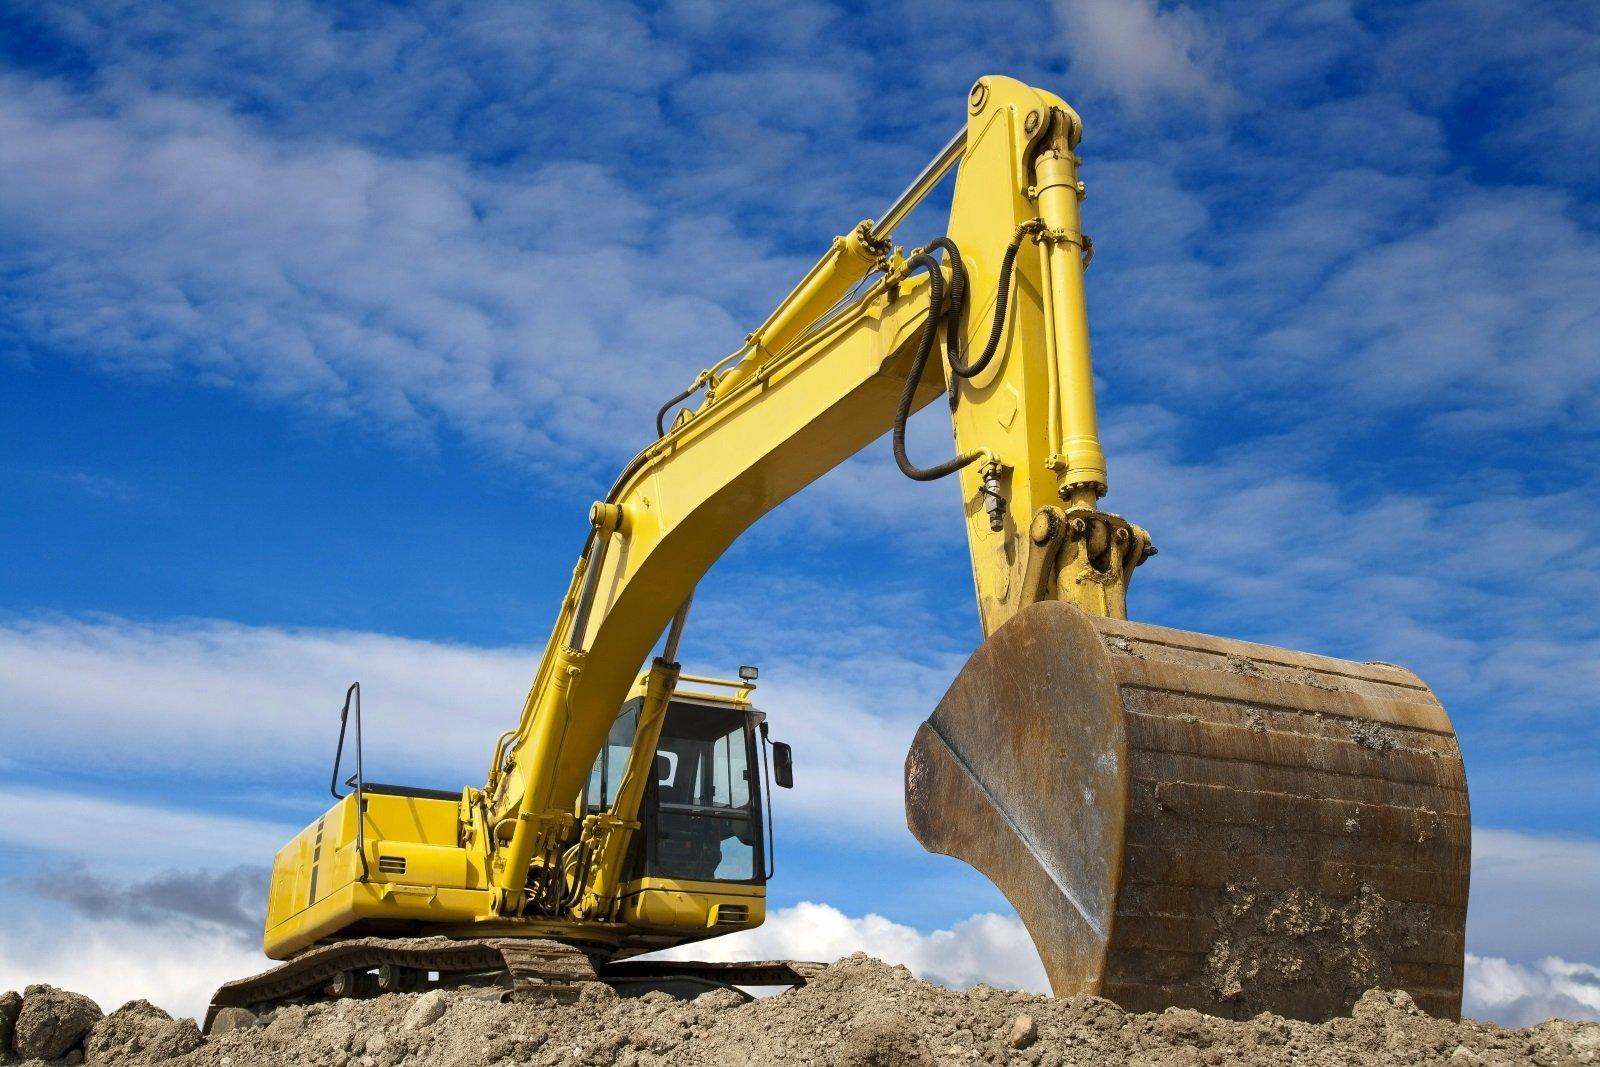 Escavatore con benna nuova